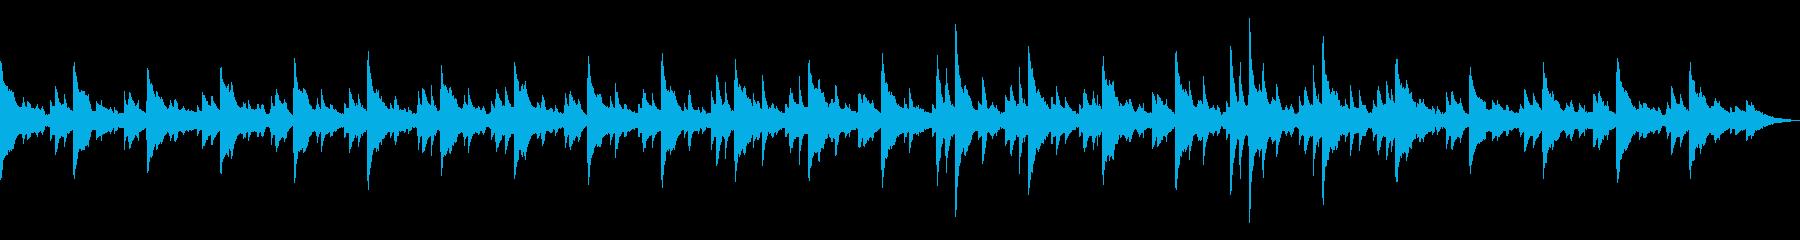 実験的な アンビエント 感情的 バ...の再生済みの波形